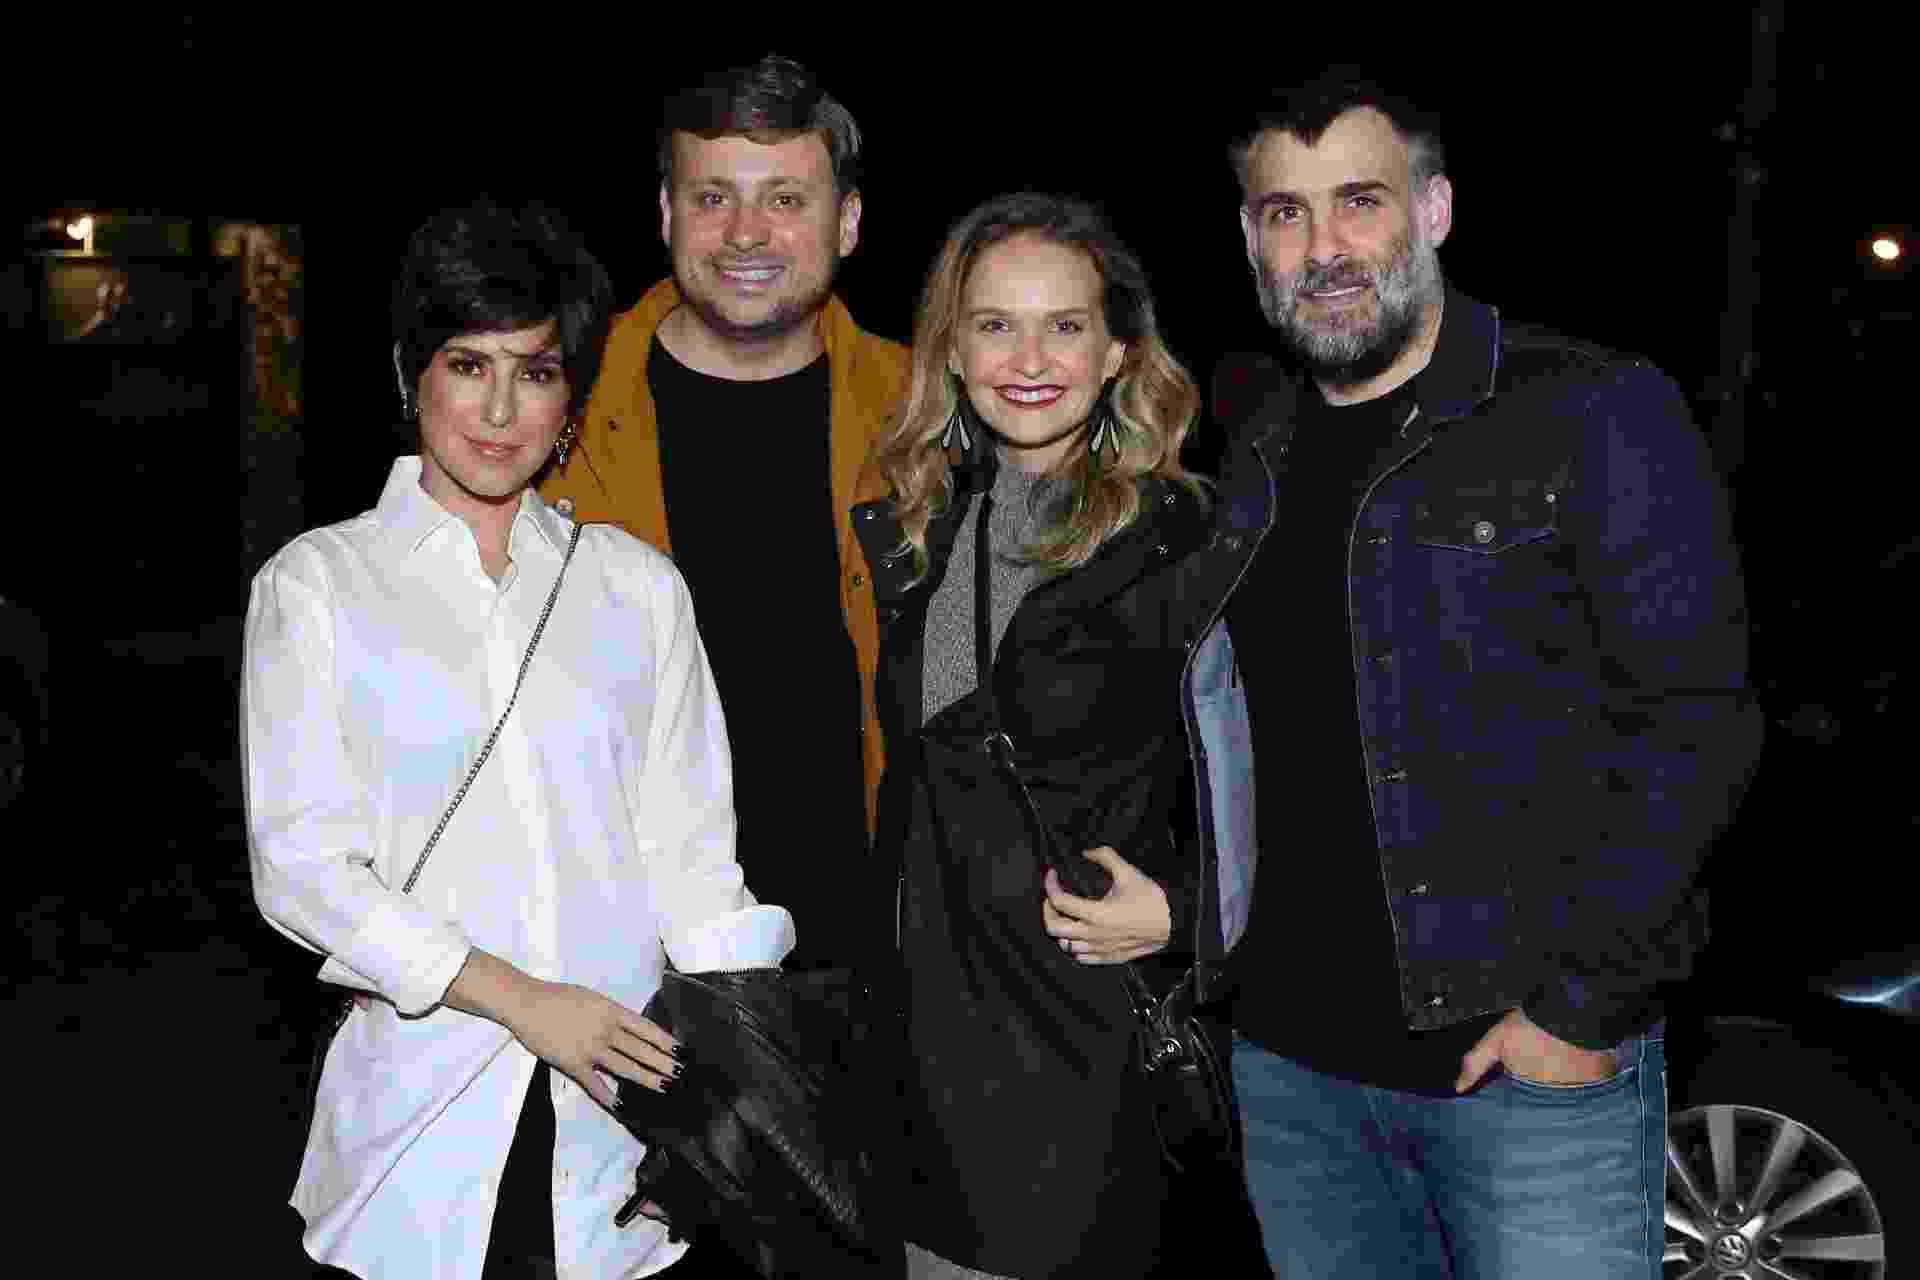 Fernada Paes Leme, Leo Fuchs, Fernanda Rodrigues e Raoni Carneiro no Rio, na festa de Luciano Huck, que completou ontem 48 anos - ROBERTO FILHO / BRAZIL NEWS